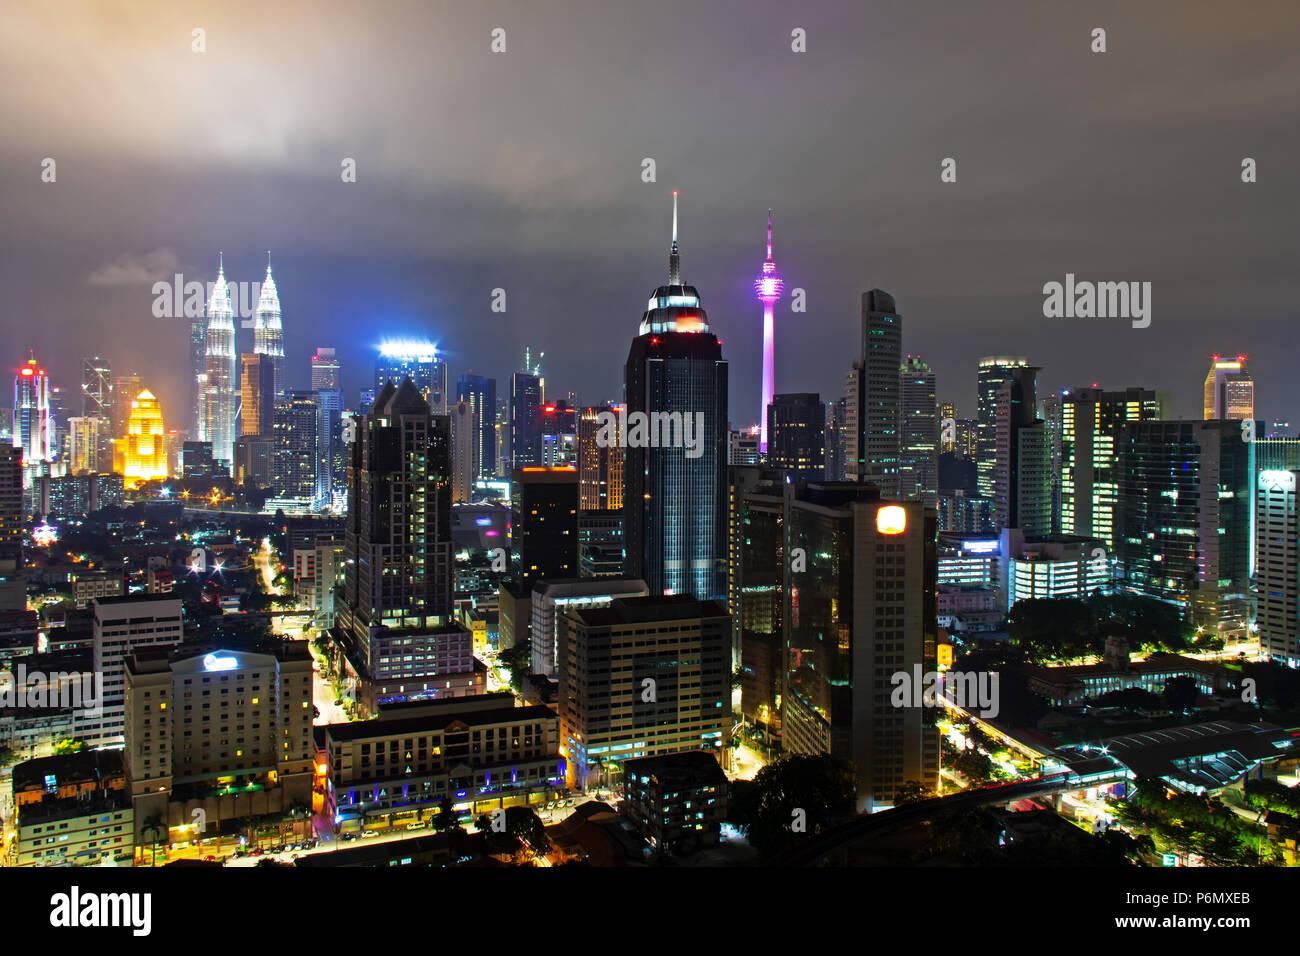 Vue de nuit sur la ville de Kuala Lumpur, capitale de la Malaisie. Photo Stock